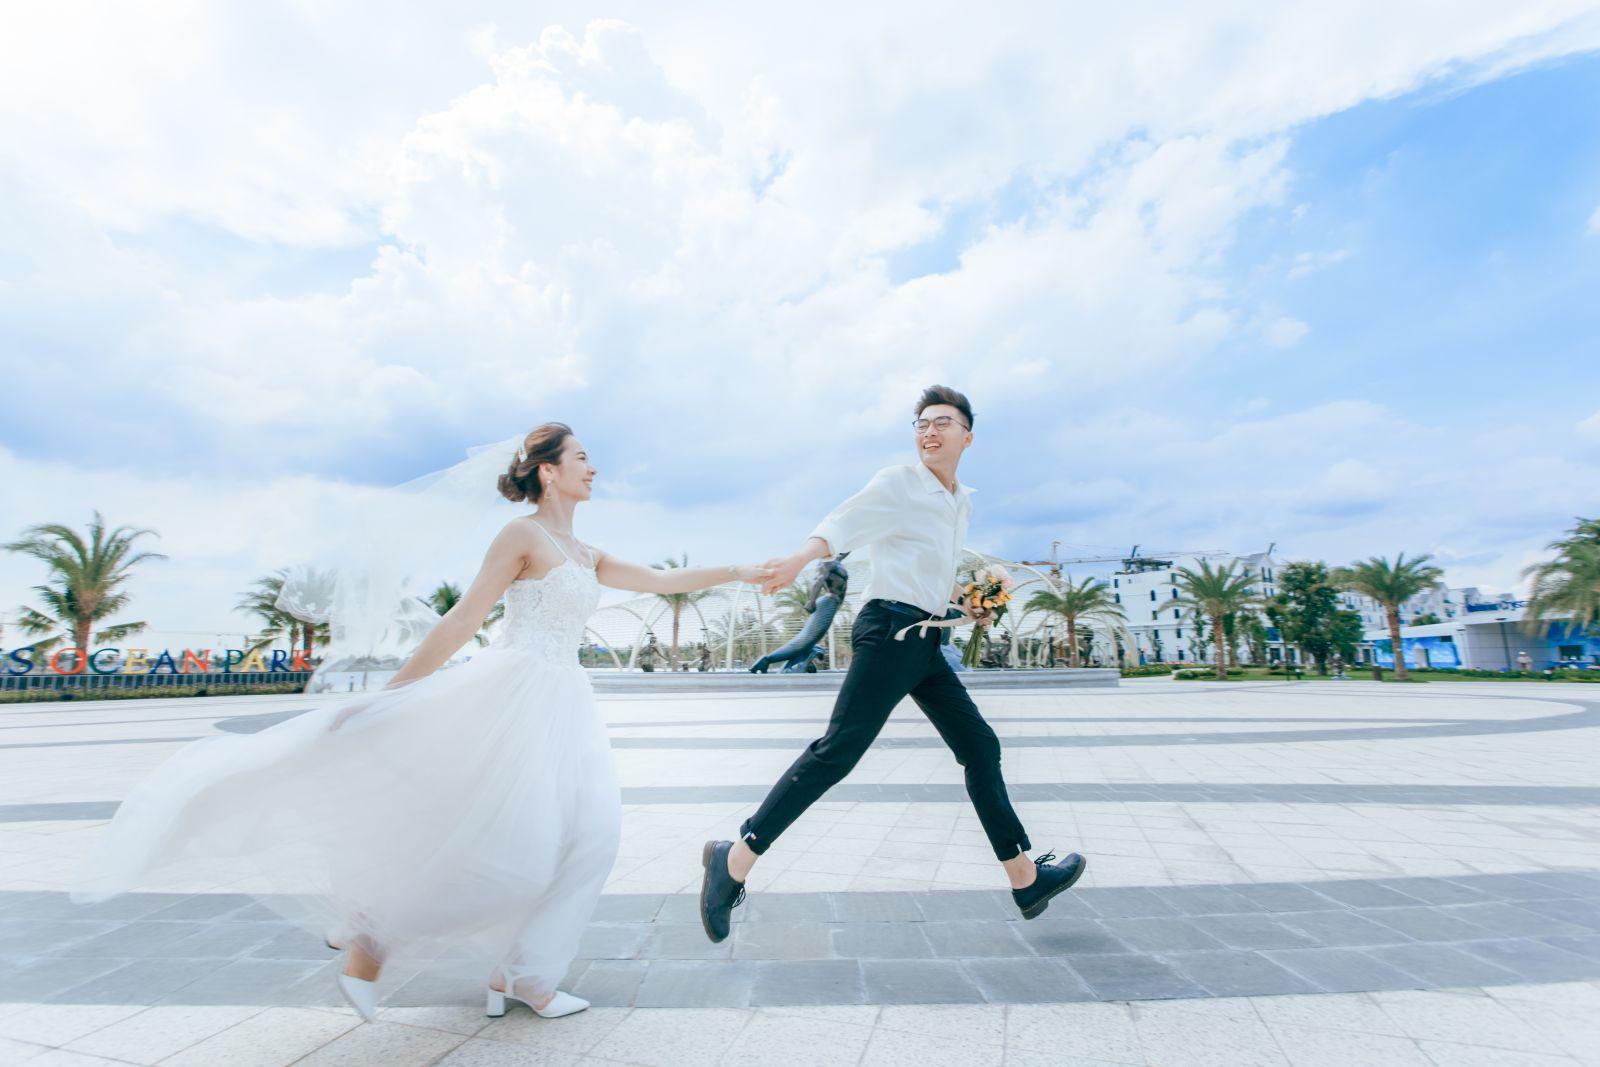 Vinhomes Ocean Park - Thiên đường chụp ảnh cưới mới ngay tại Thủ Đô